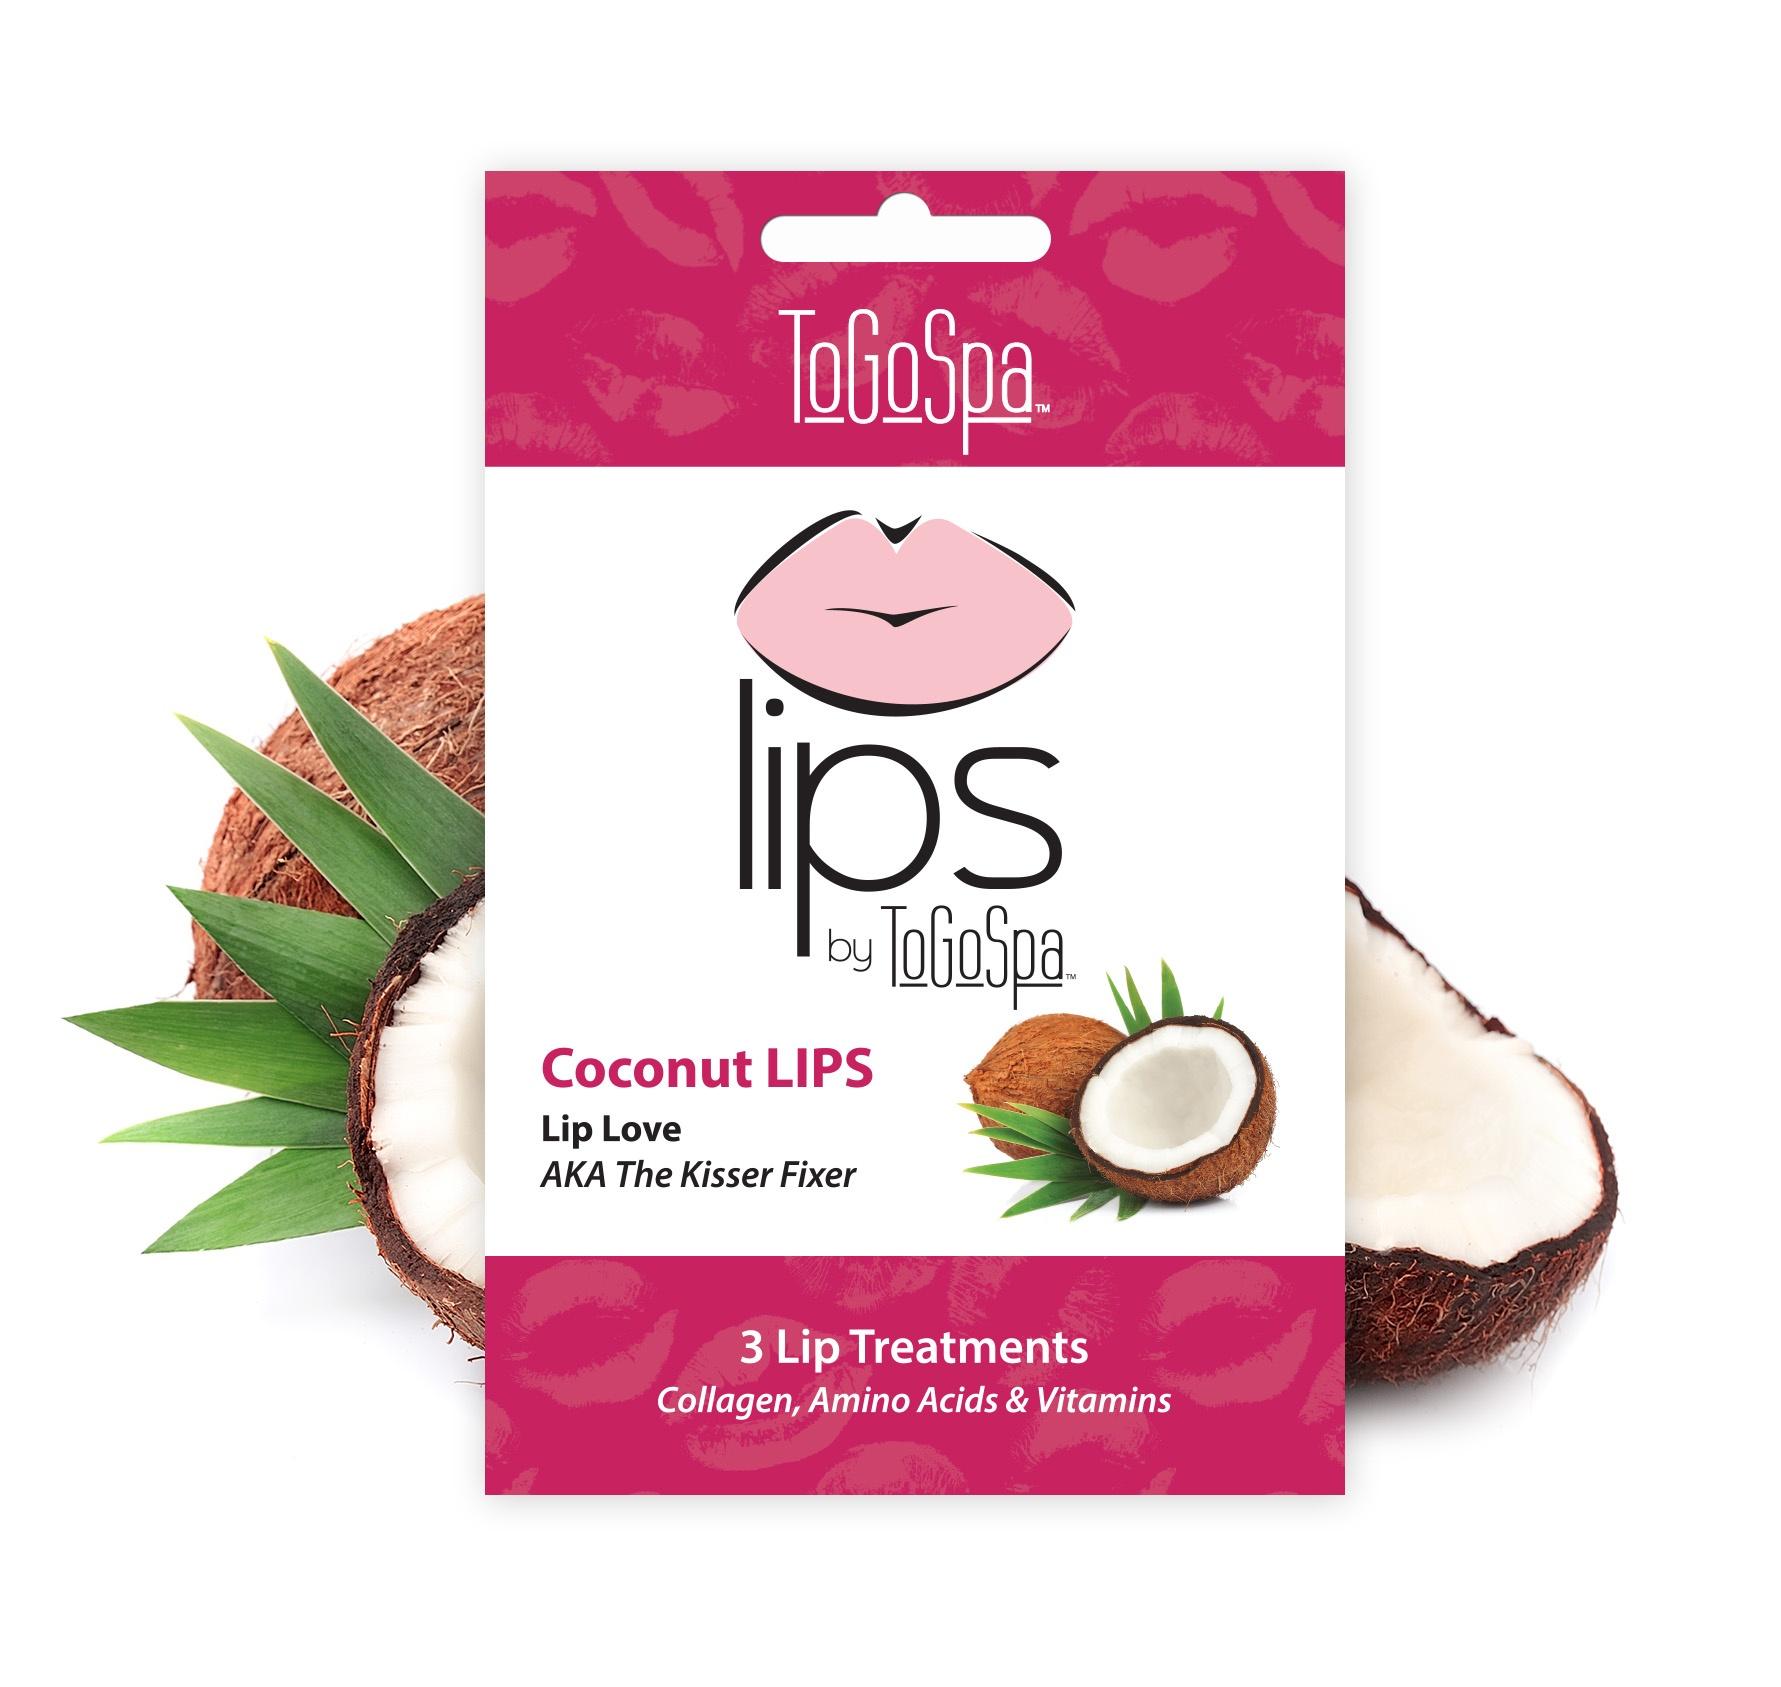 LIPS_Package.jpg